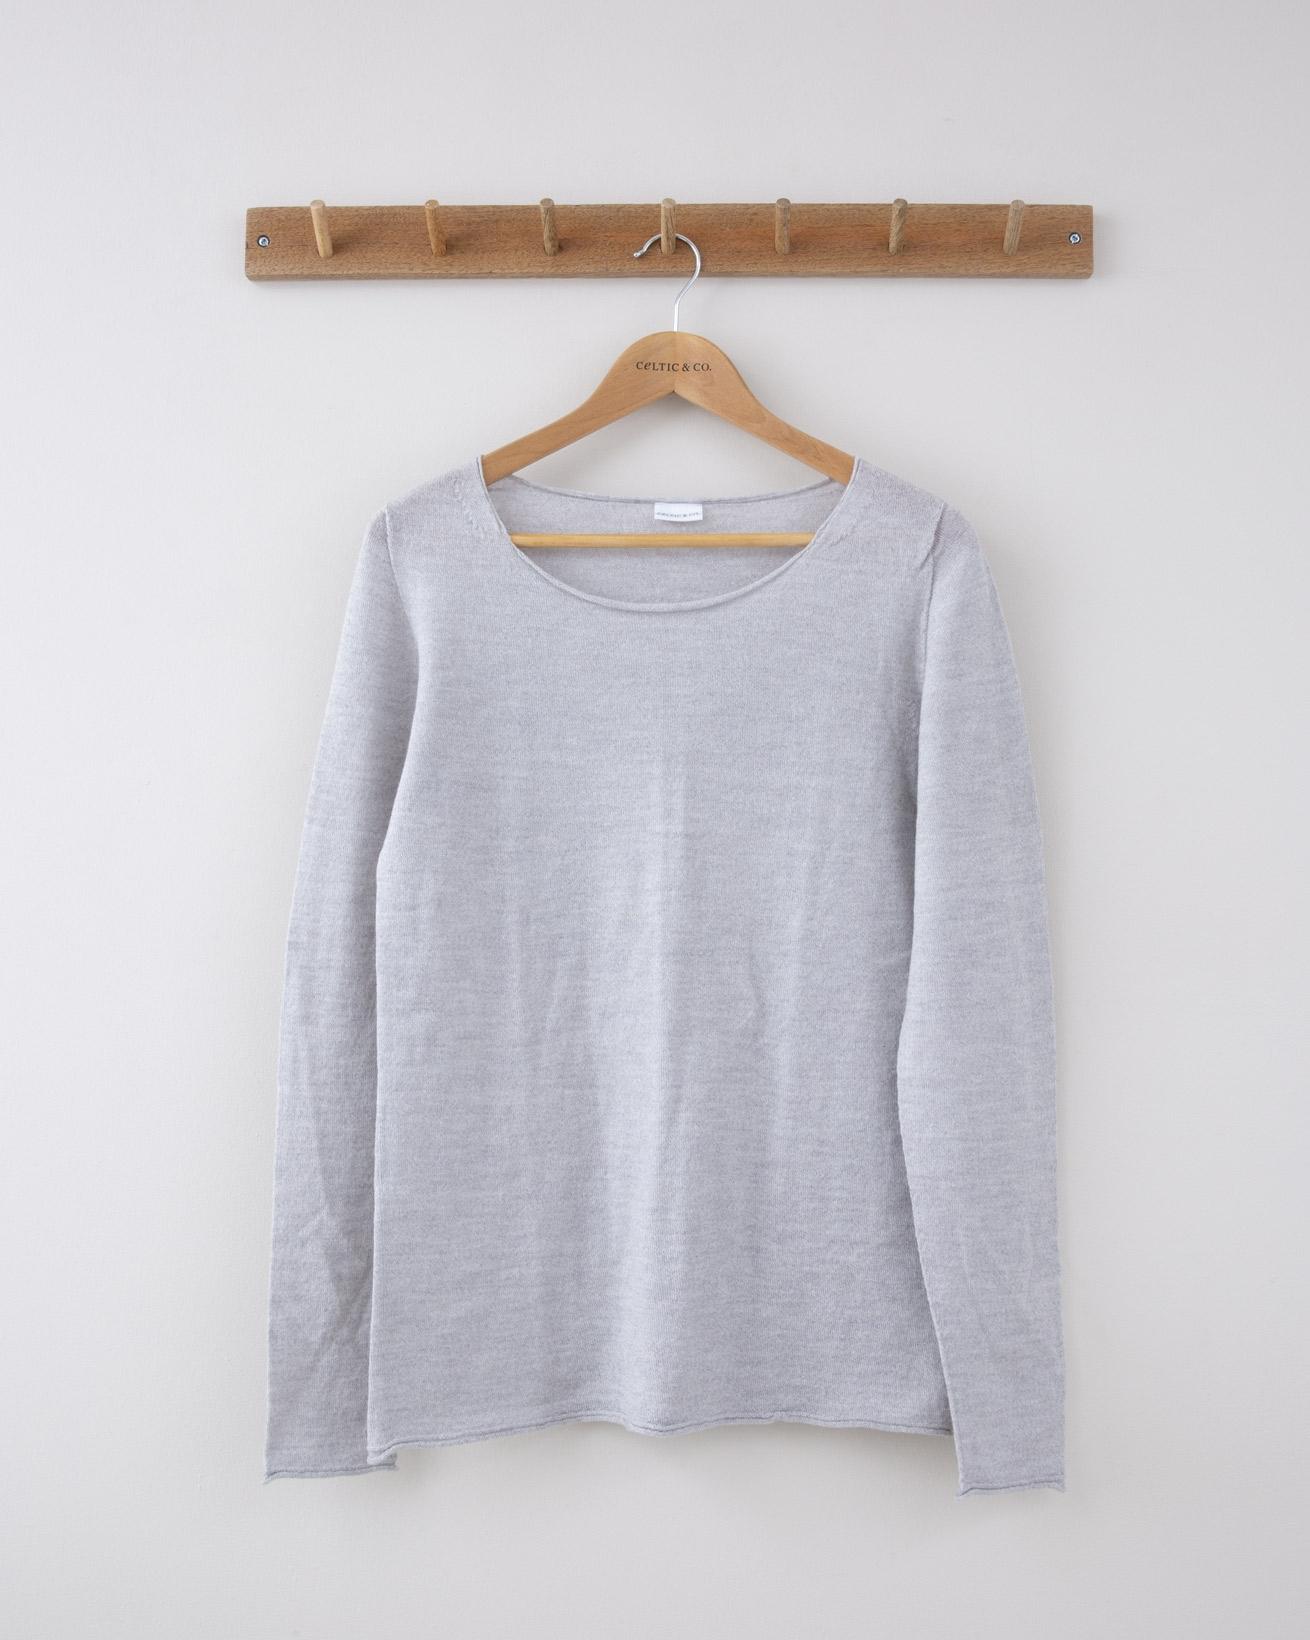 Fine Knit Merino Crew Neck - Small - Silver Grey - 1267